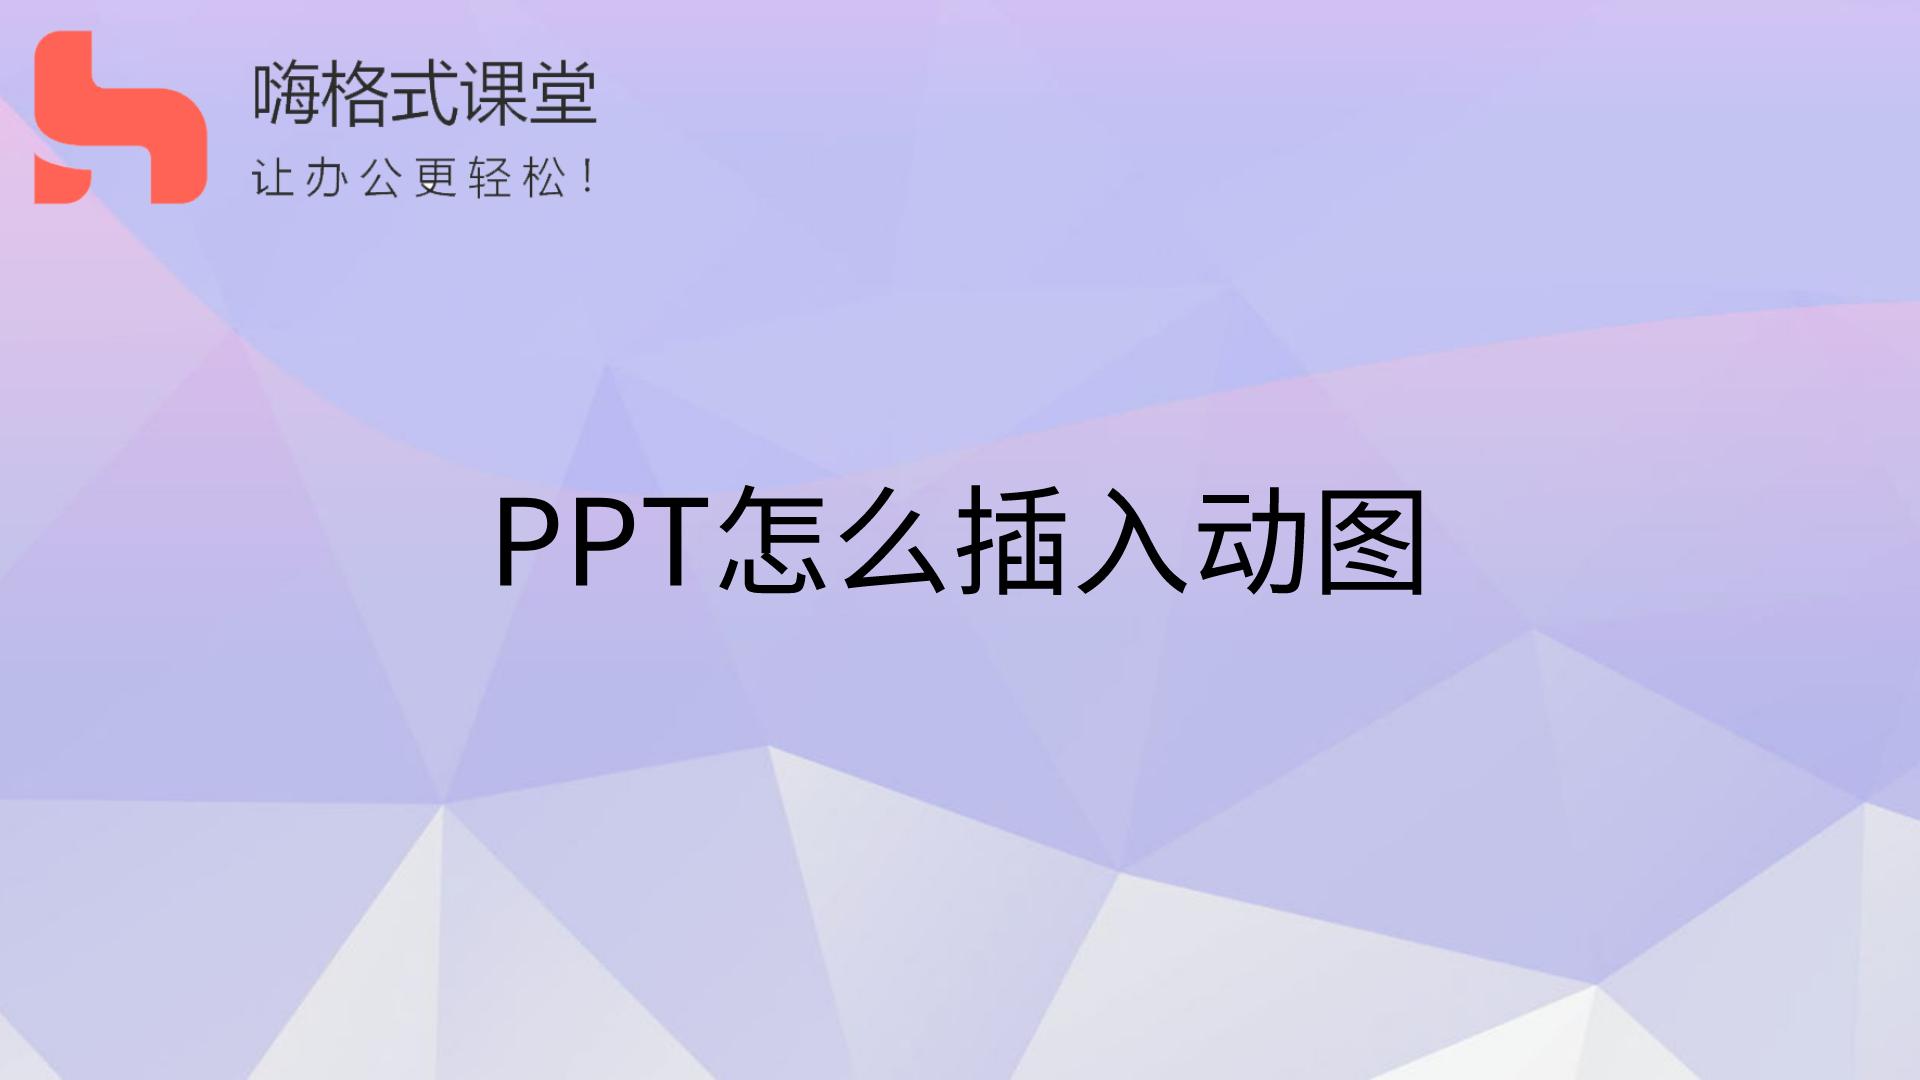 PPT怎么插入动图s